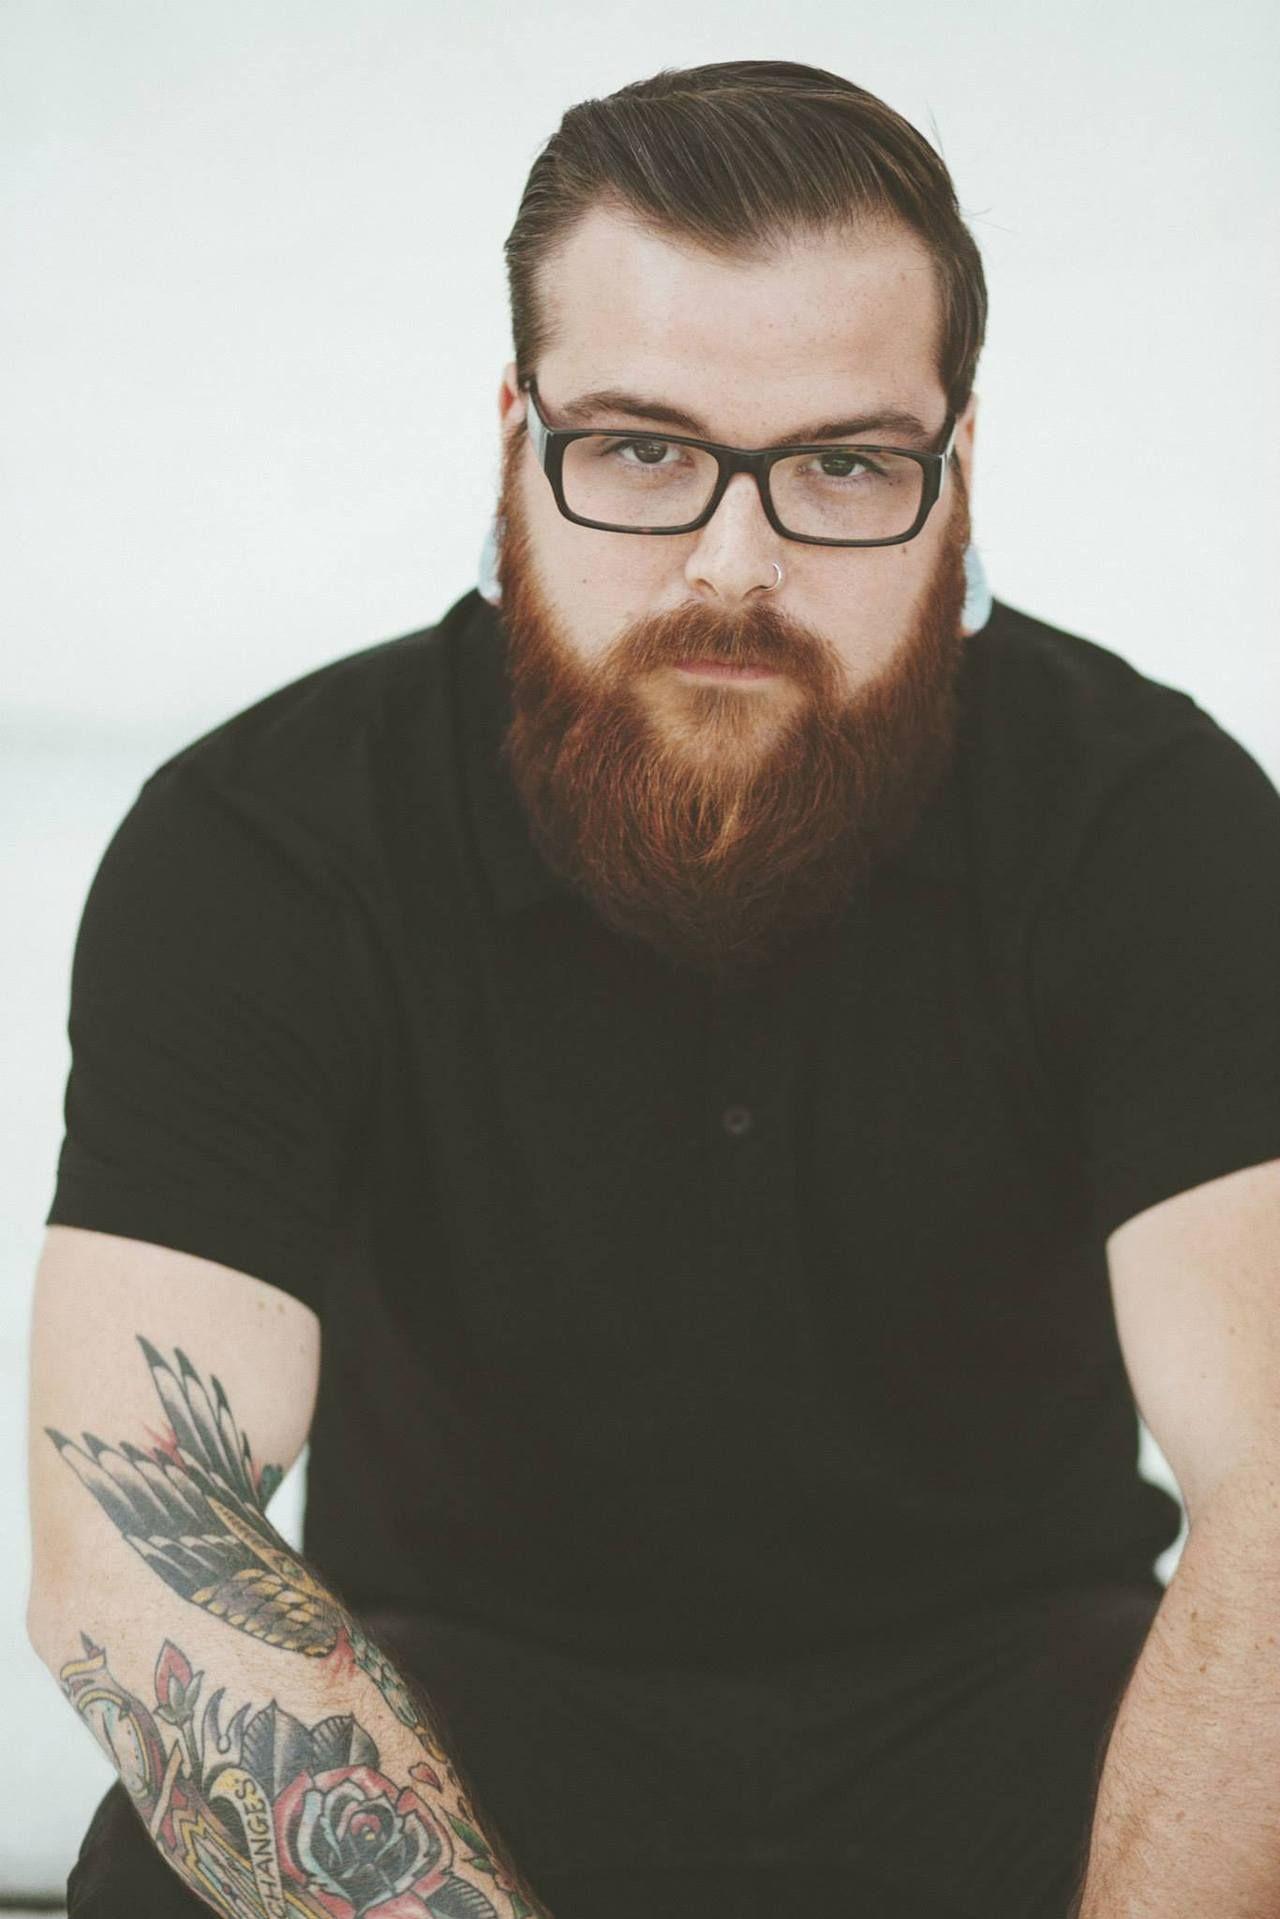 Ooooooooo Beautiful Hombres Gorditos Chicos Con Barba Y Moda Para Gorditos